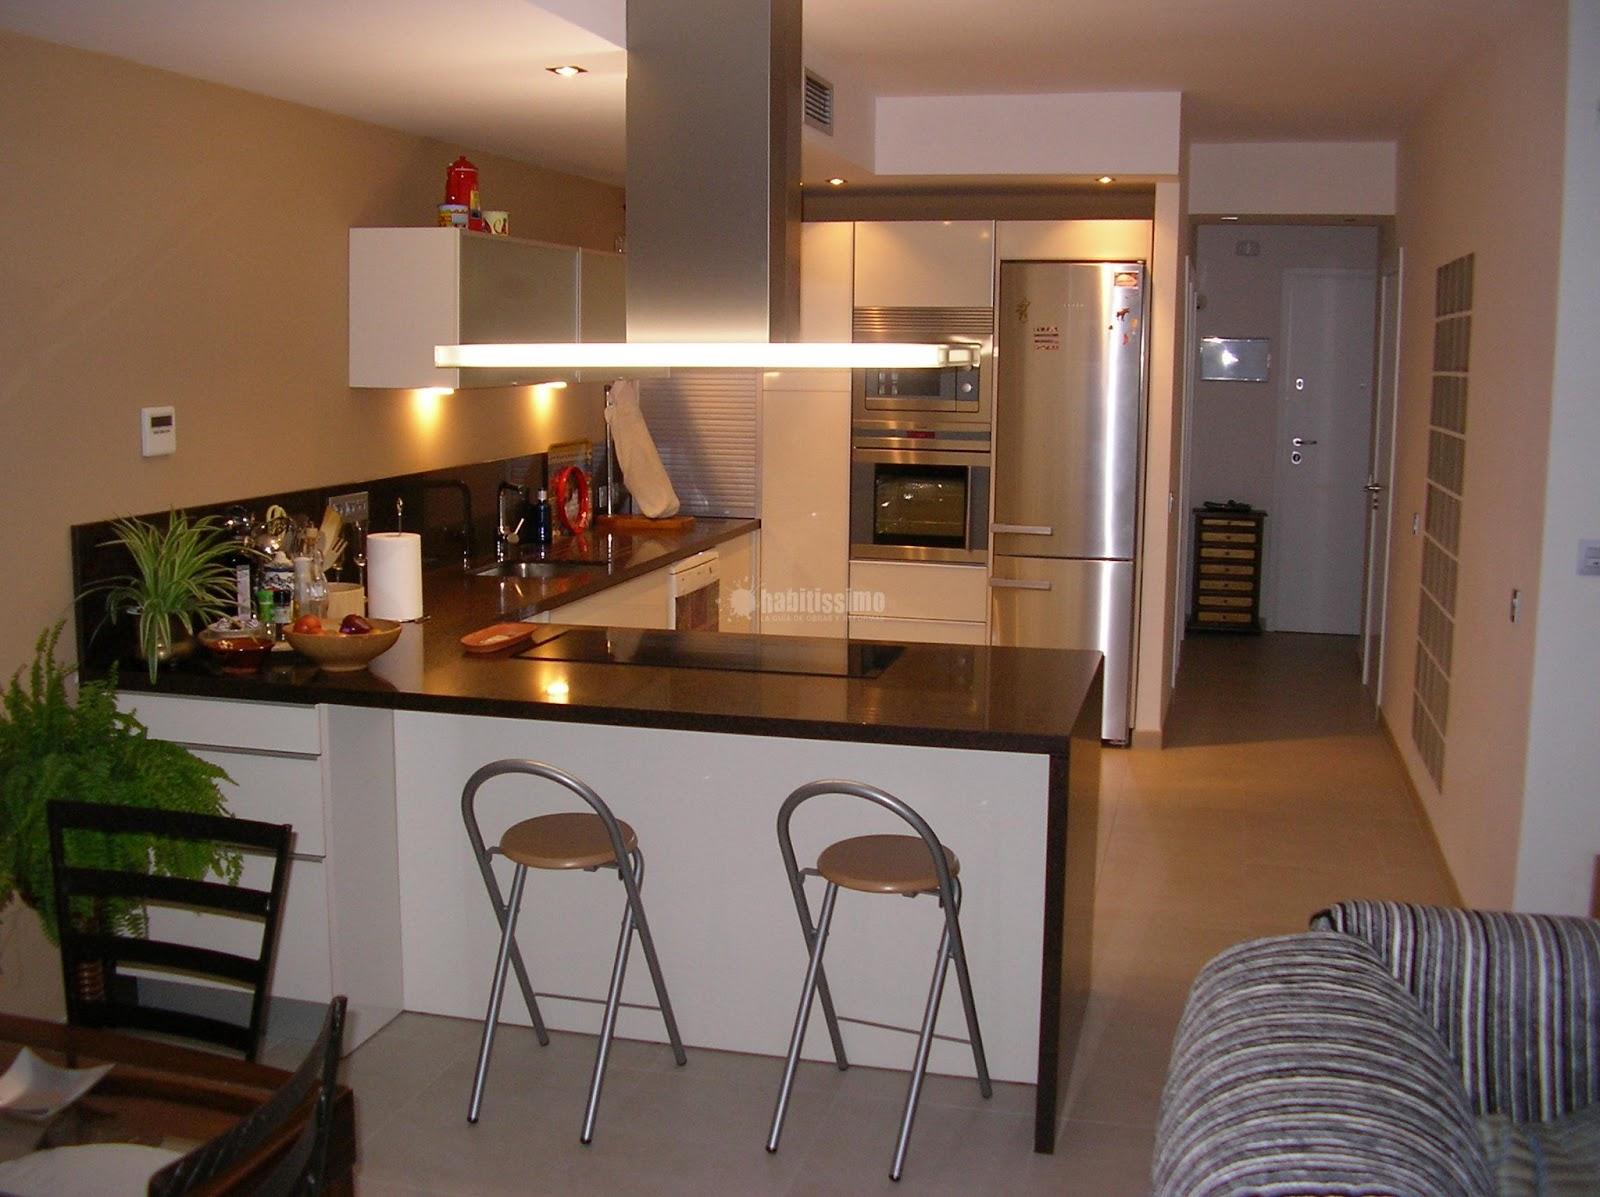 Decorando dormitorios dise o de cocina abierta al comedor for Diseno cocina comedor